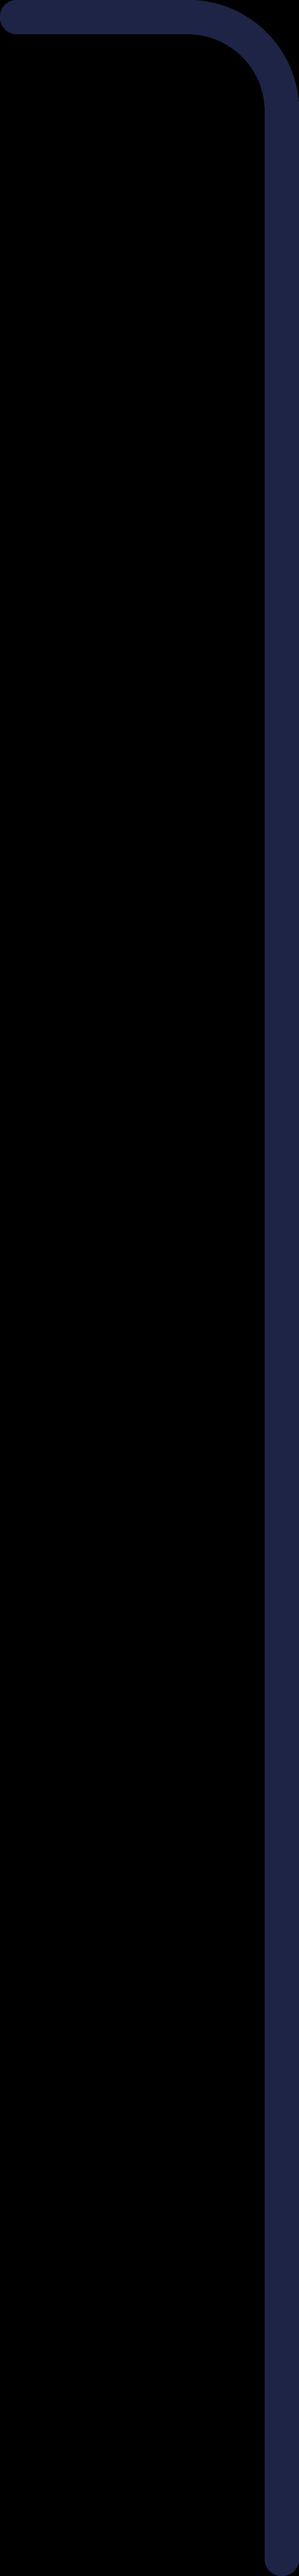 rake Clipart illustration in PNG, SVG